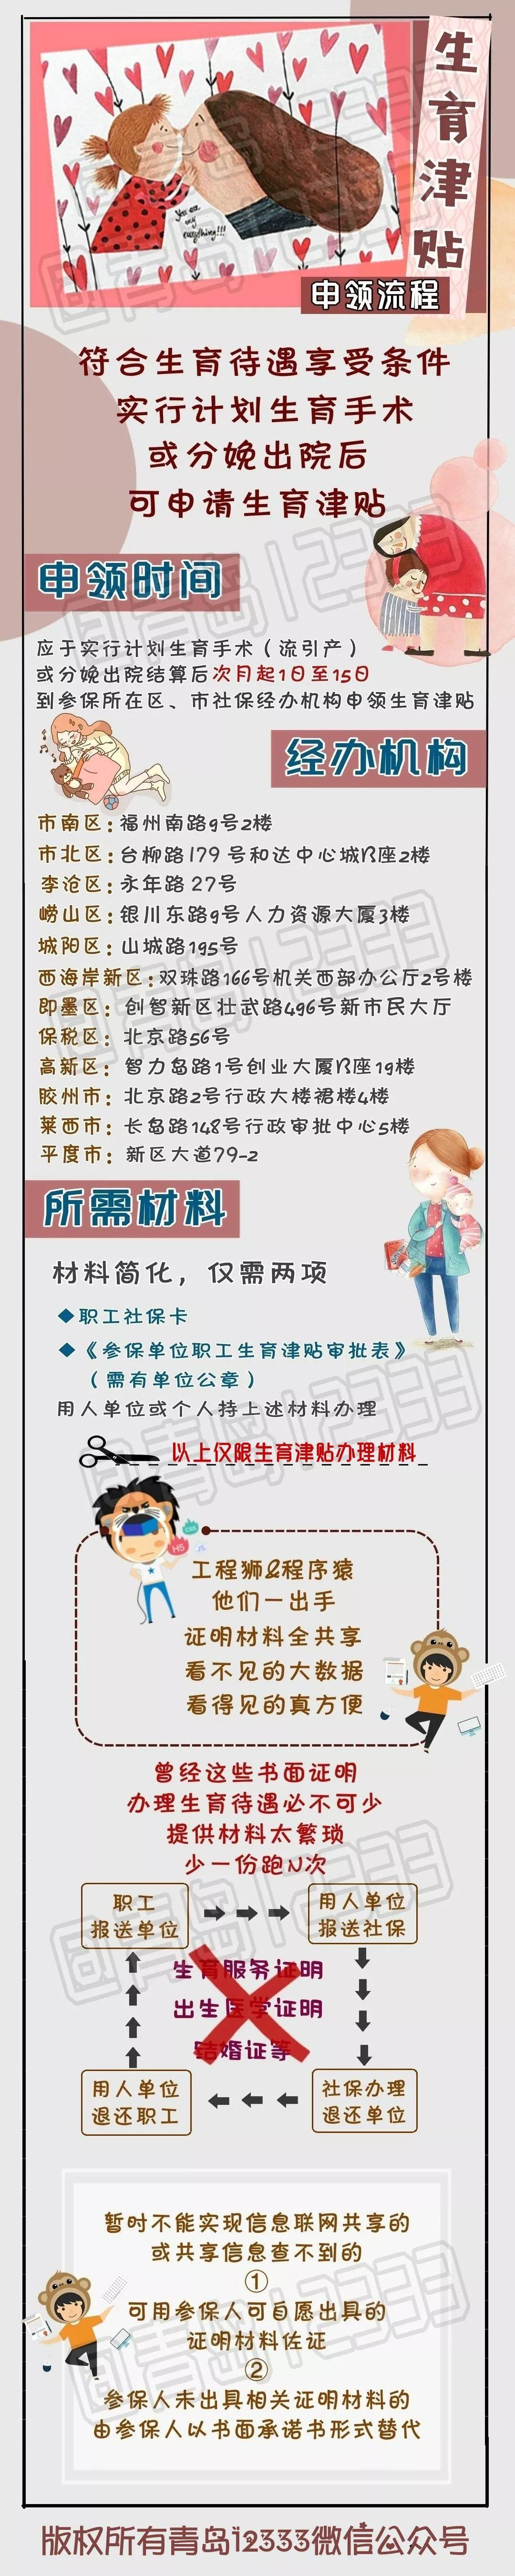 青岛生育待遇申领所需材料简化 一图看懂申领流程